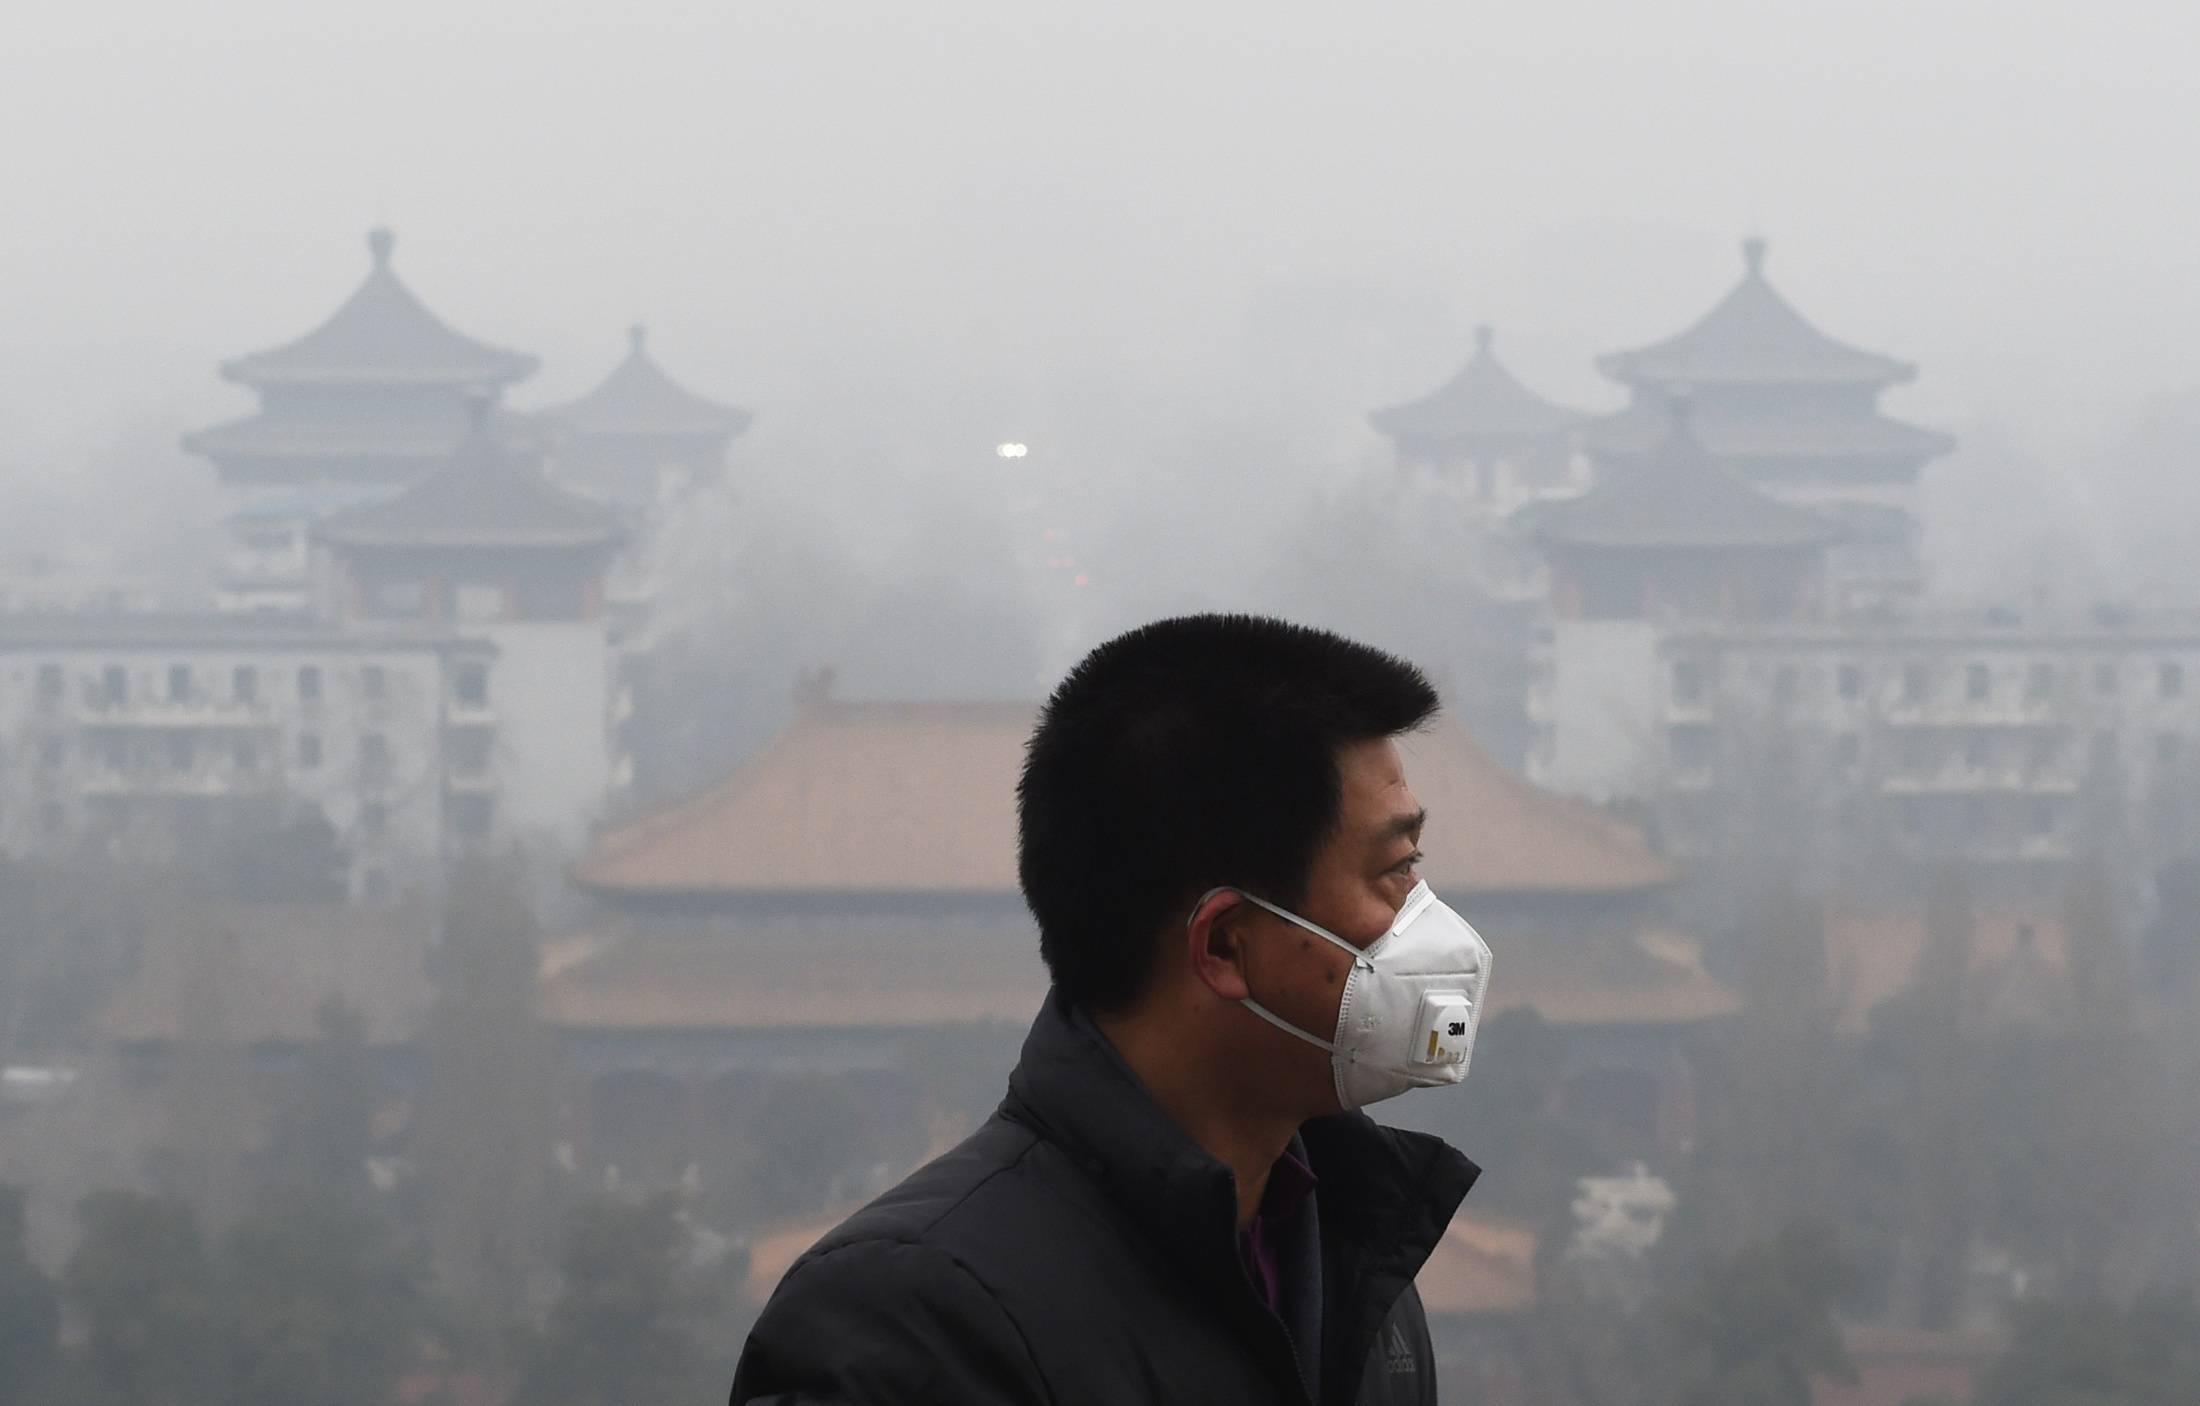 Высокий смог: грязный воздух крадет у жителей земли годы жизни | статьи | известия